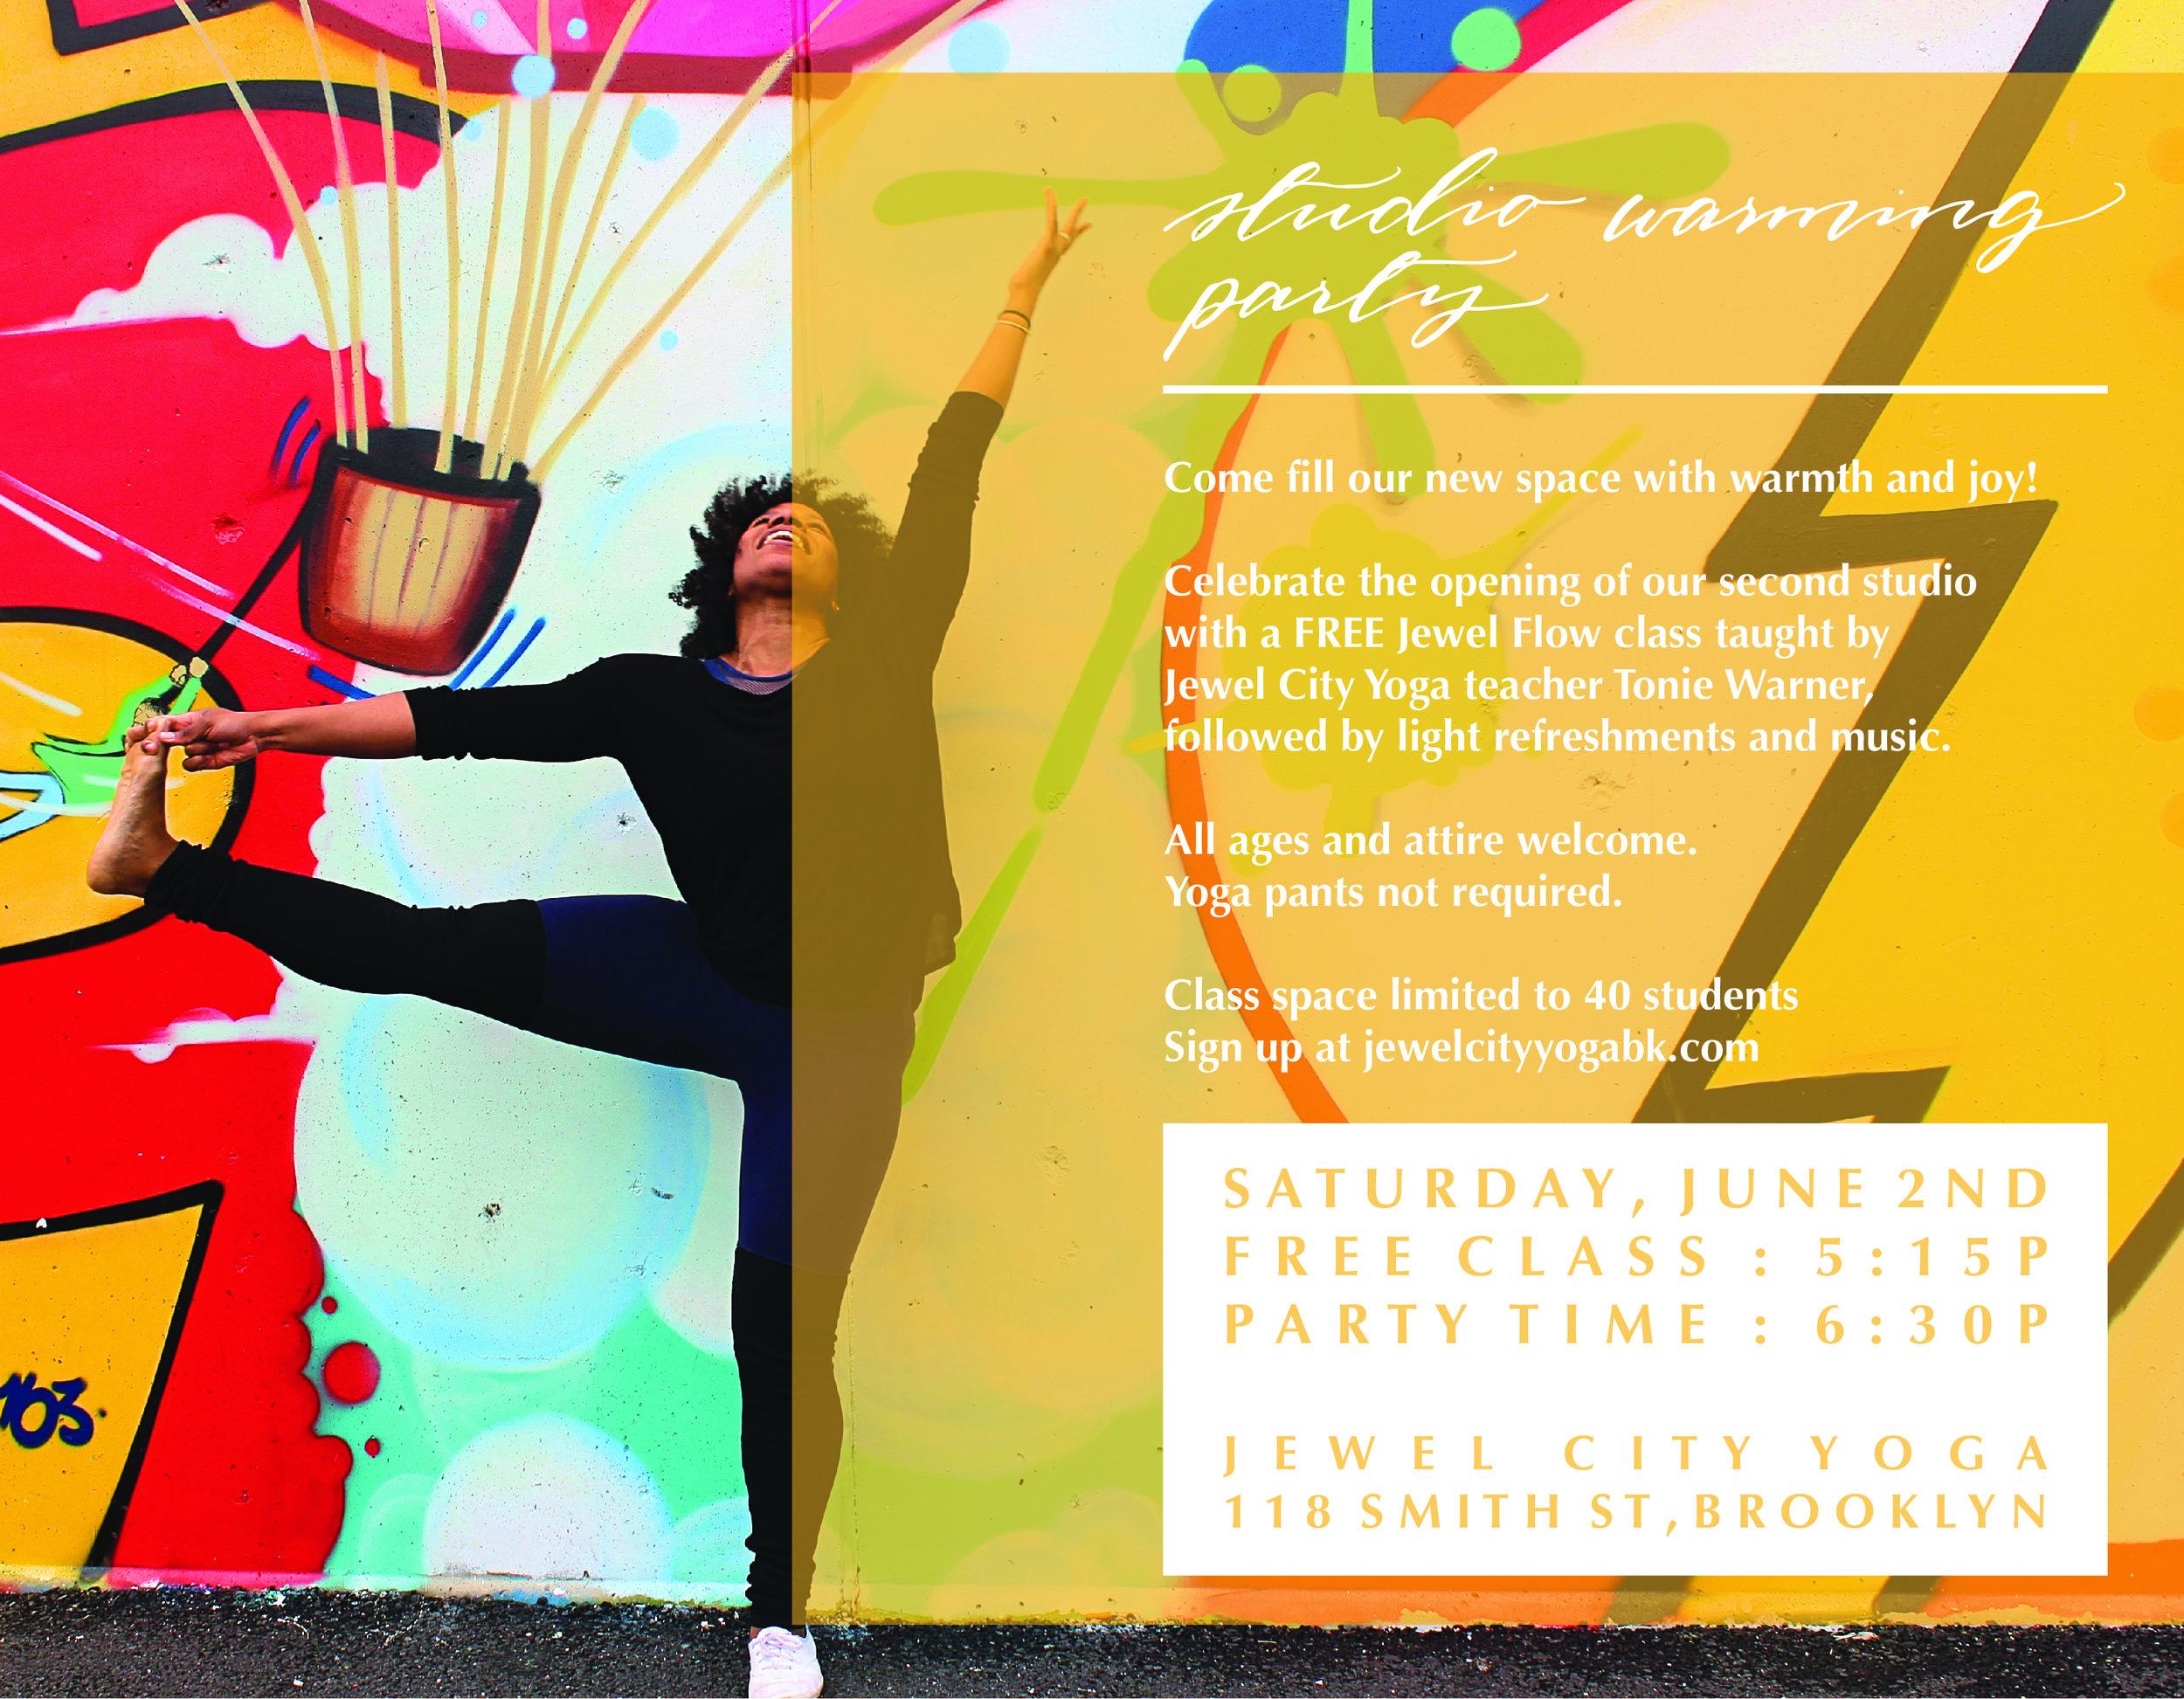 JCY_Smith Studio Warming Party Flyer_FINAL-01.jpg